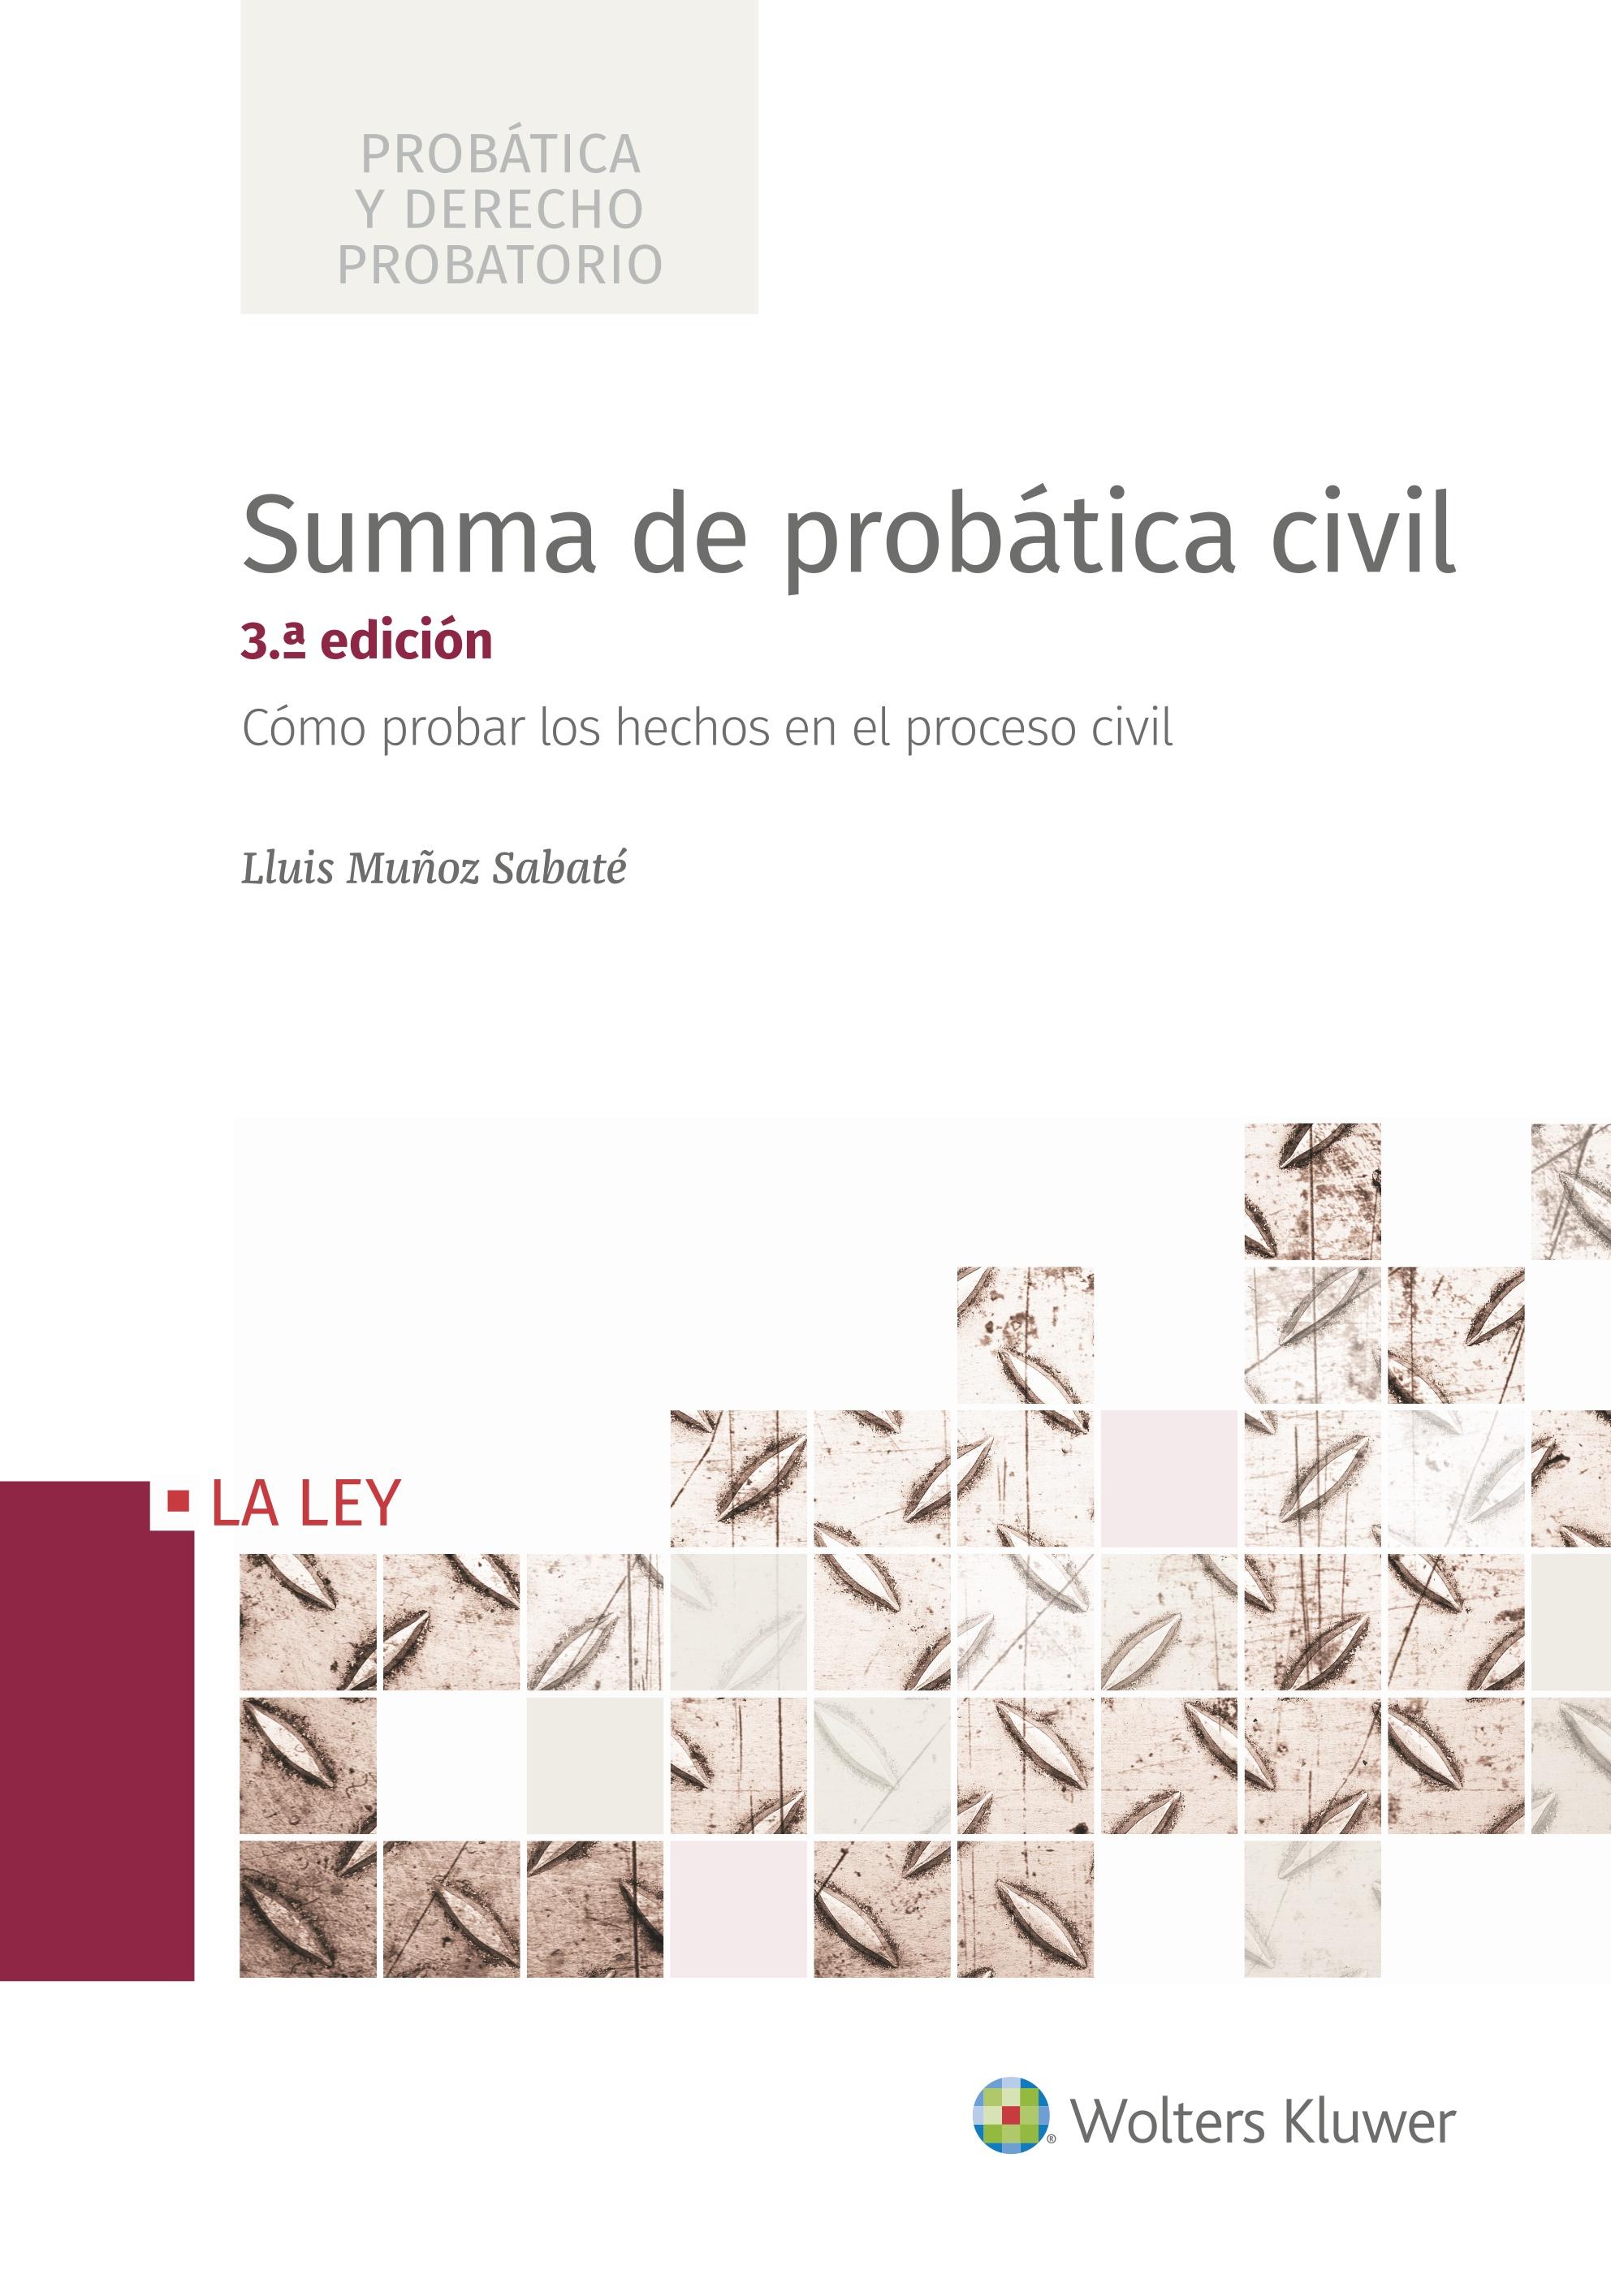 Summa de probática civil (3ª Edición)   «Cómo probar los hechos en el proceso civil»